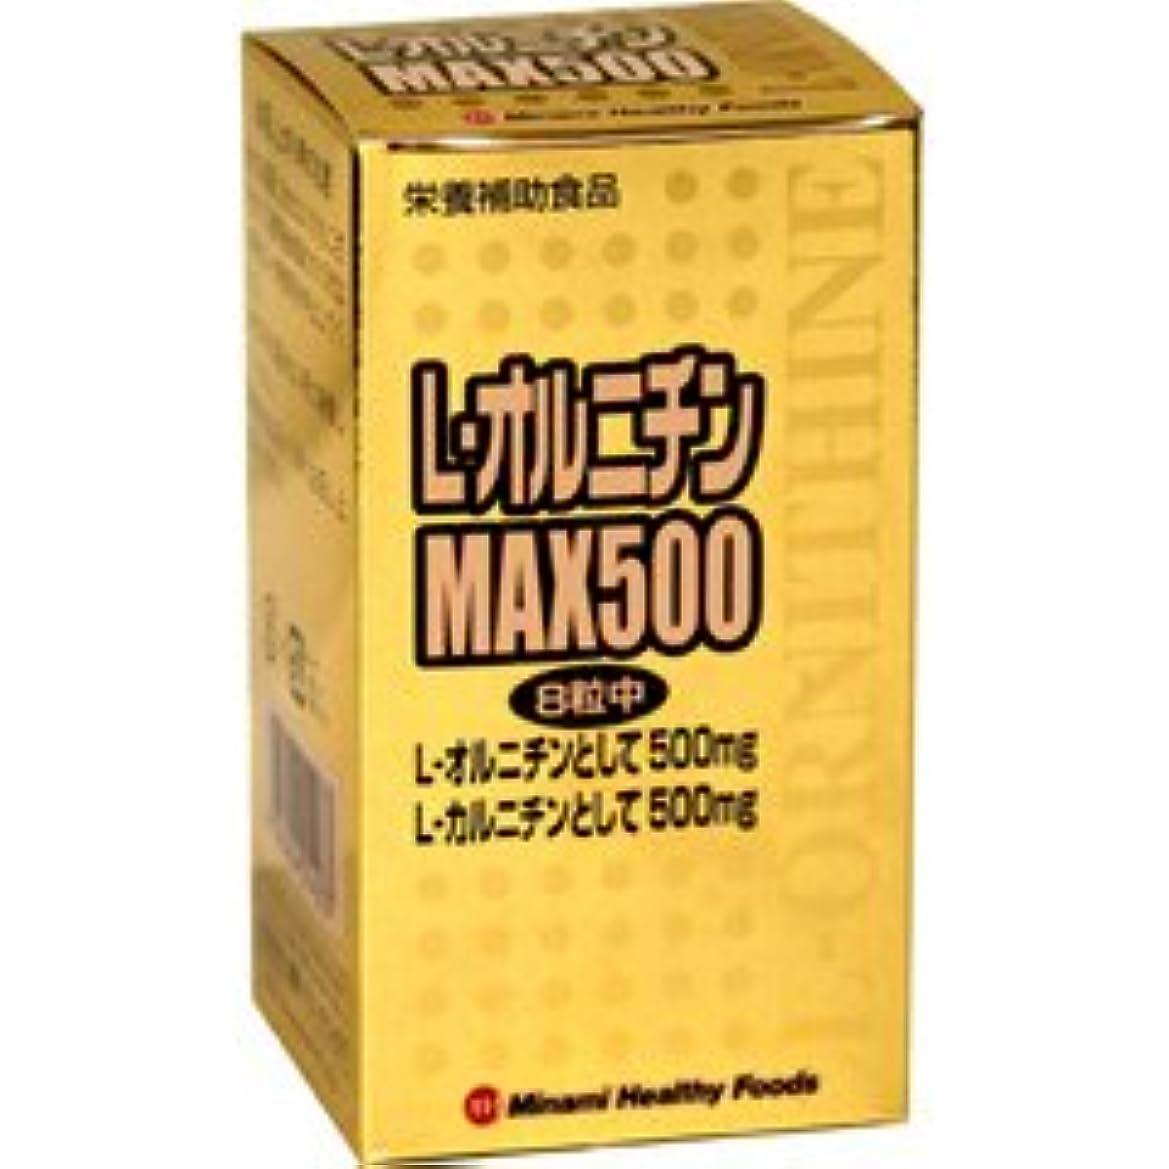 アテンダント貢献願うL-オルニチン MAX500 240粒 【ミナミヘルシーフーズ】